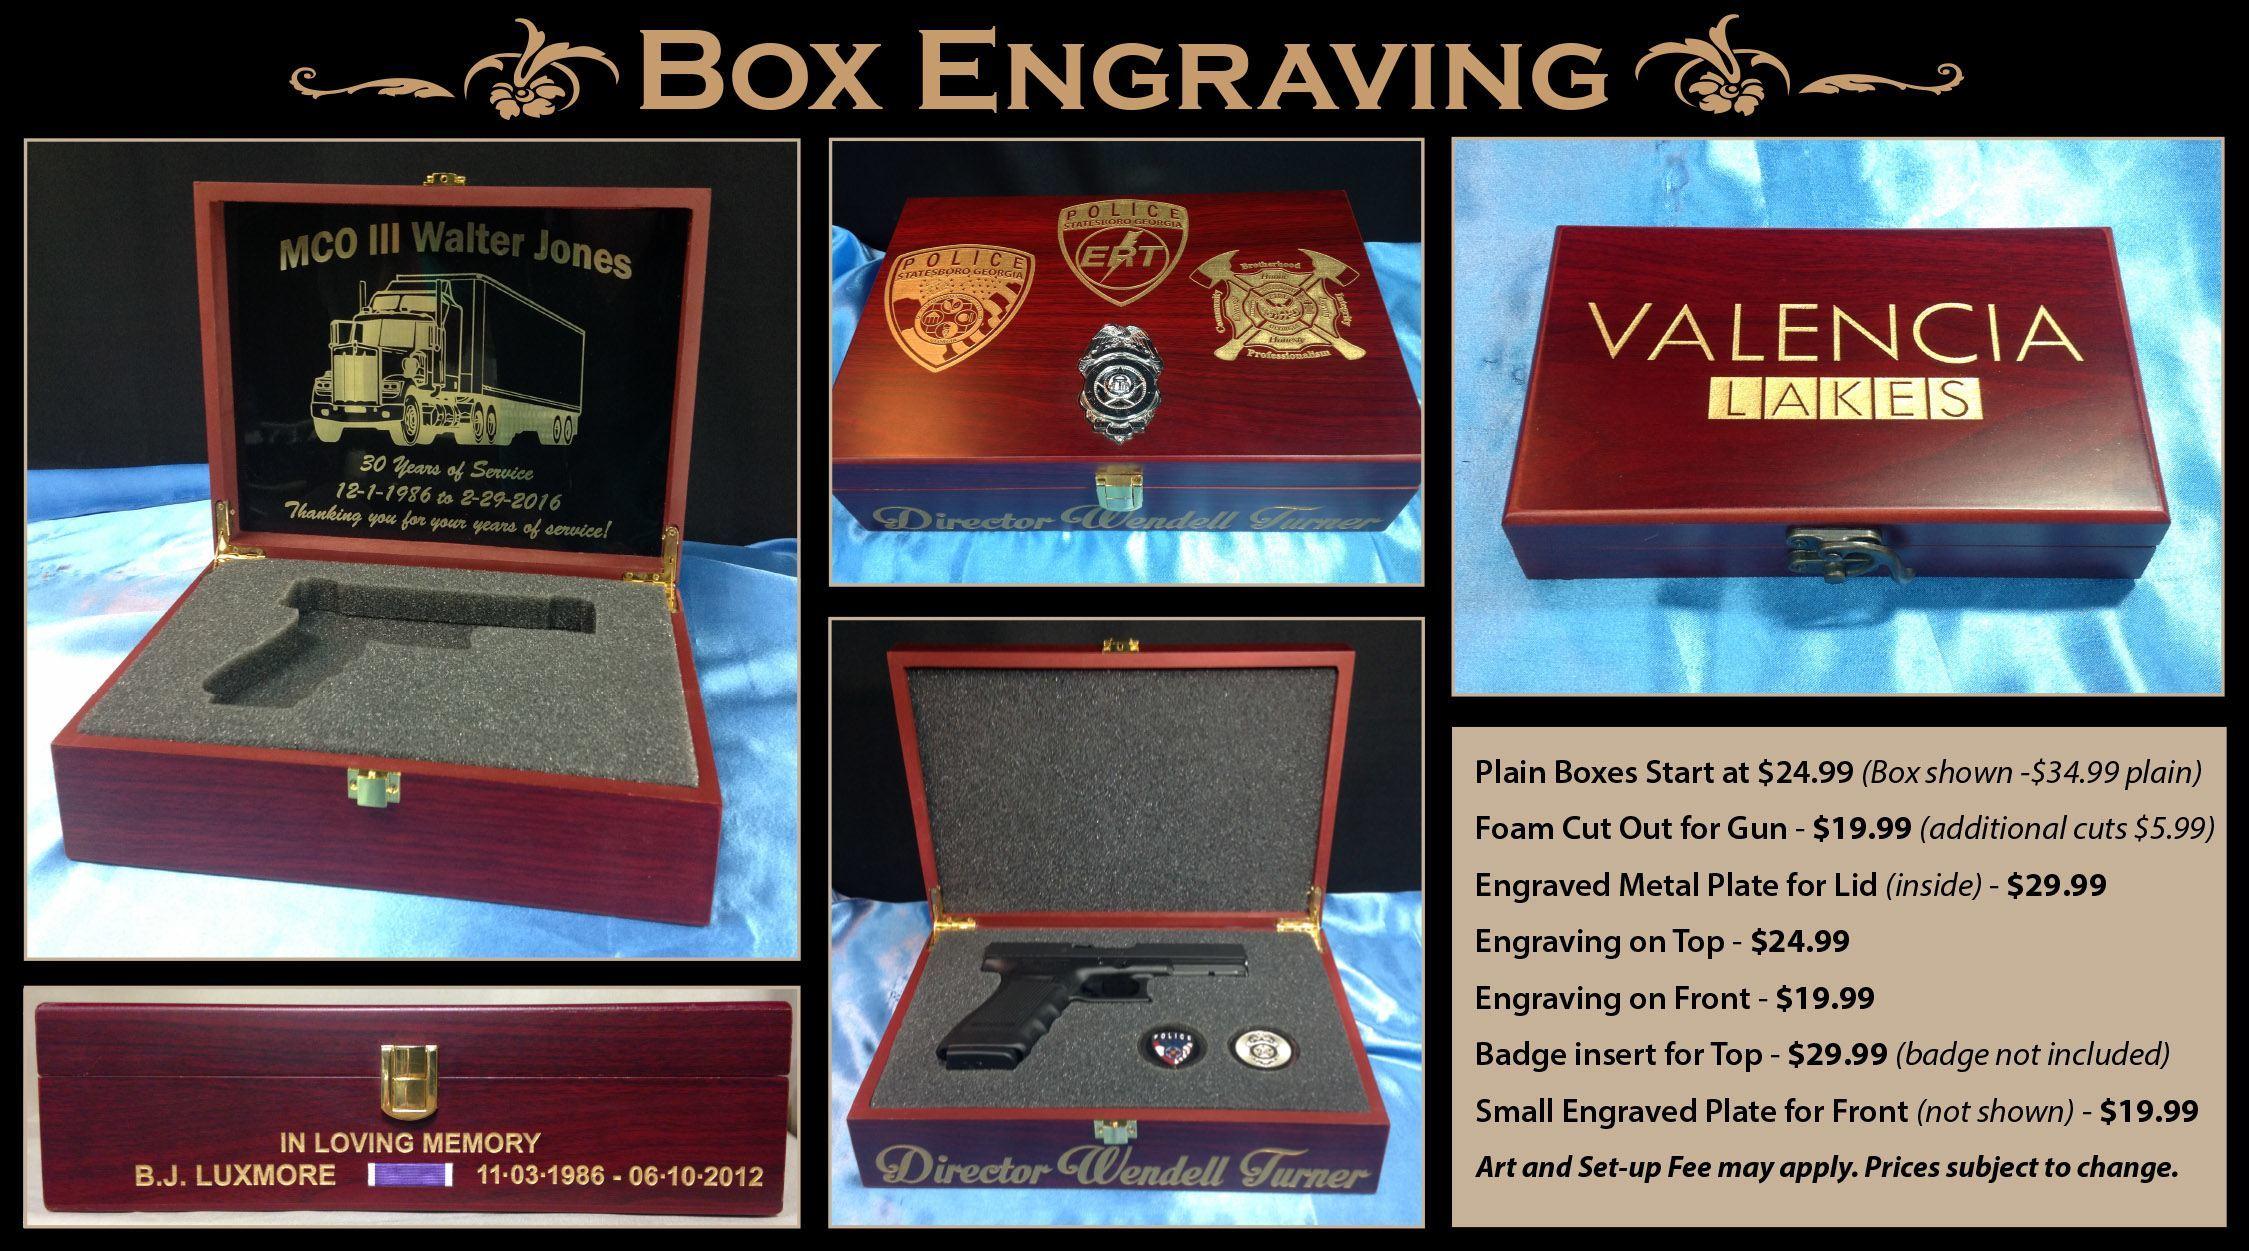 BoxEngravingPageforWeb-Site.jpg